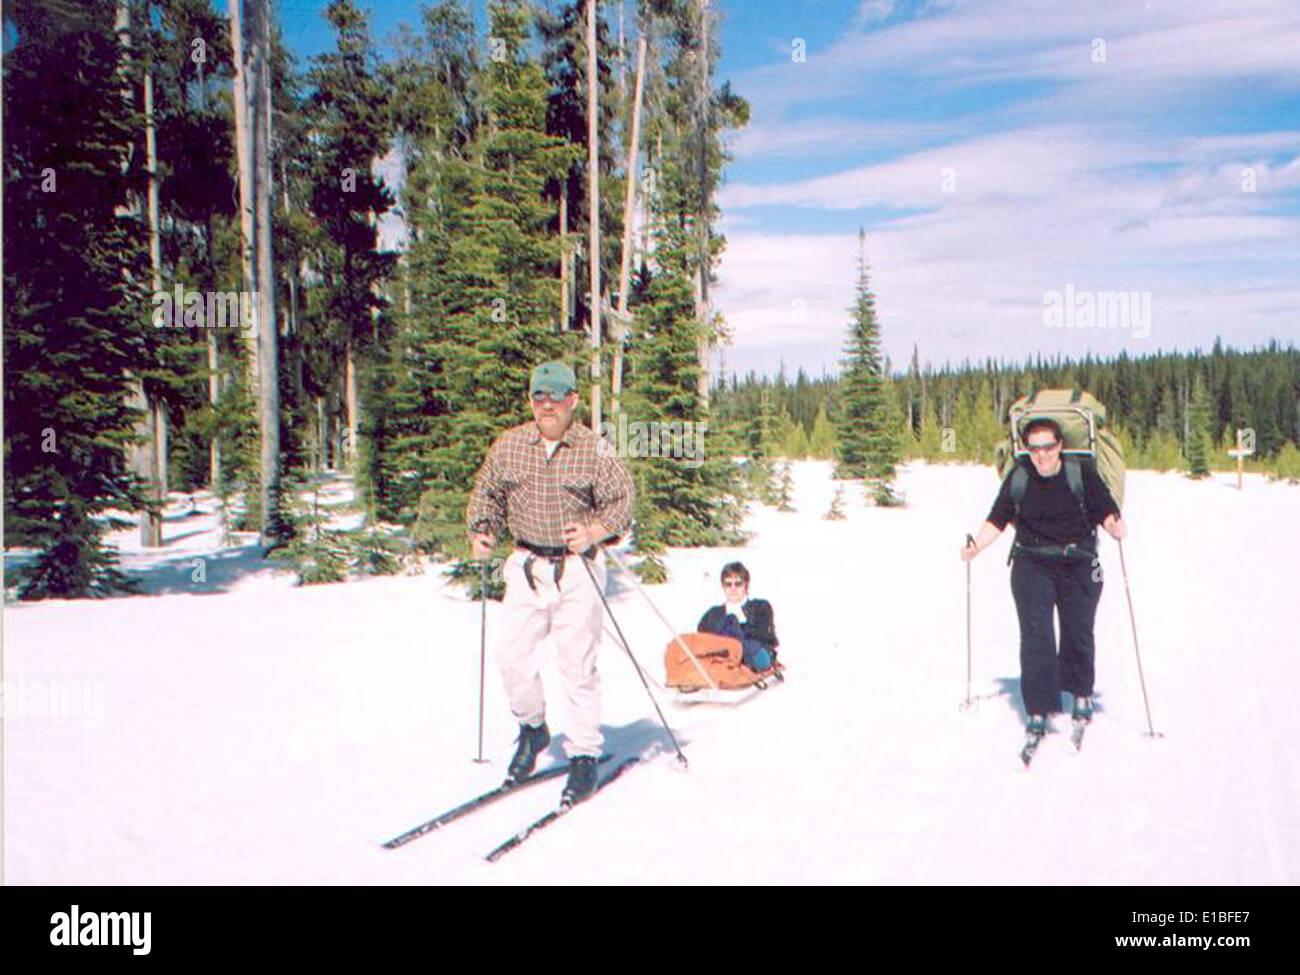 ski_trip1 Stock Photo